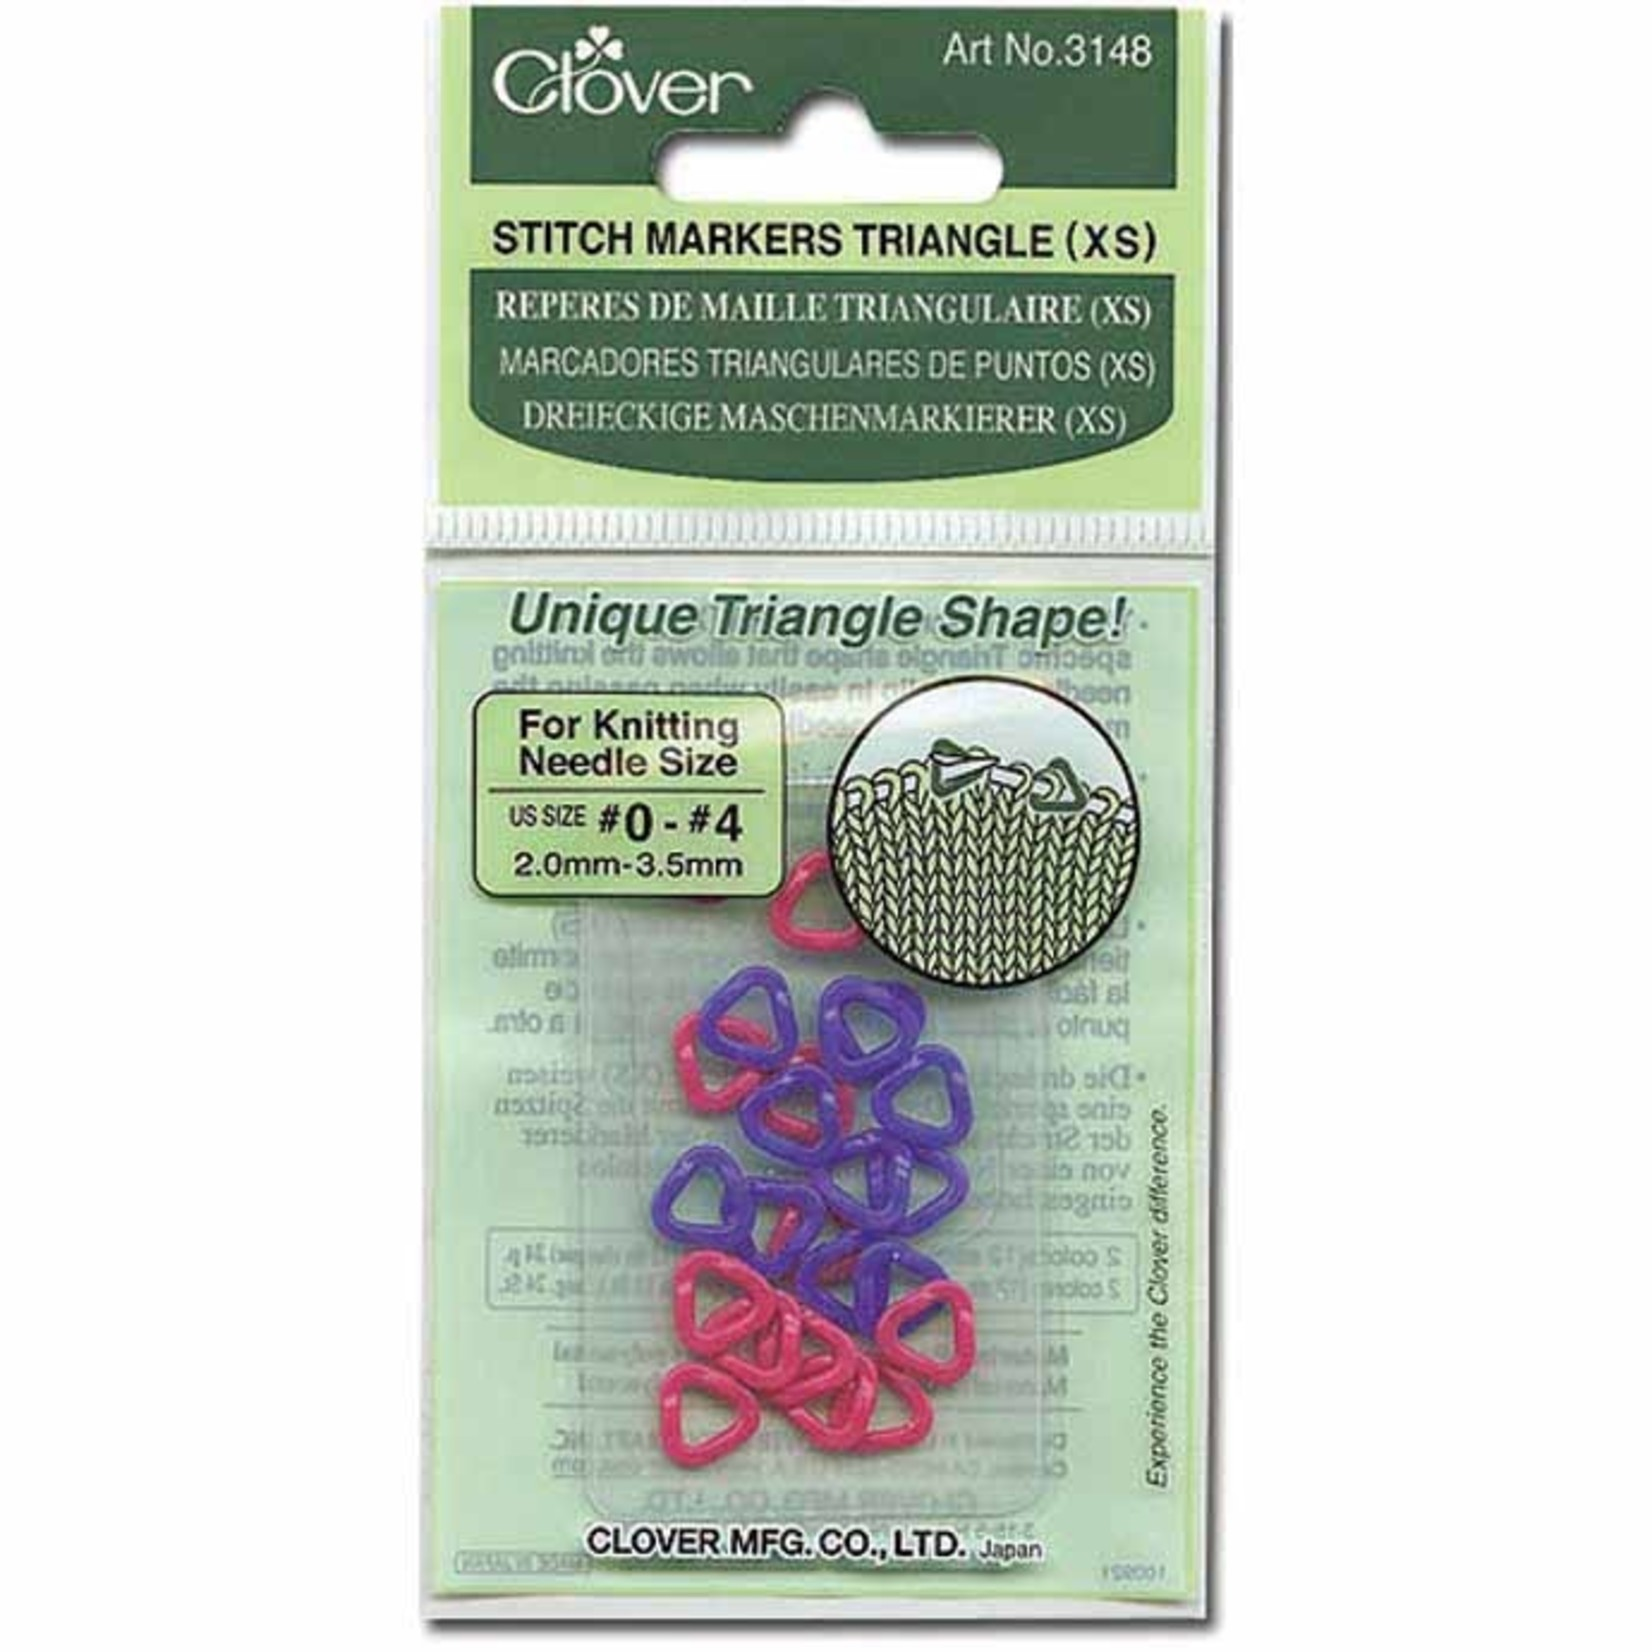 Clover Anneaux marqueurs en triangle XS (24pcs)